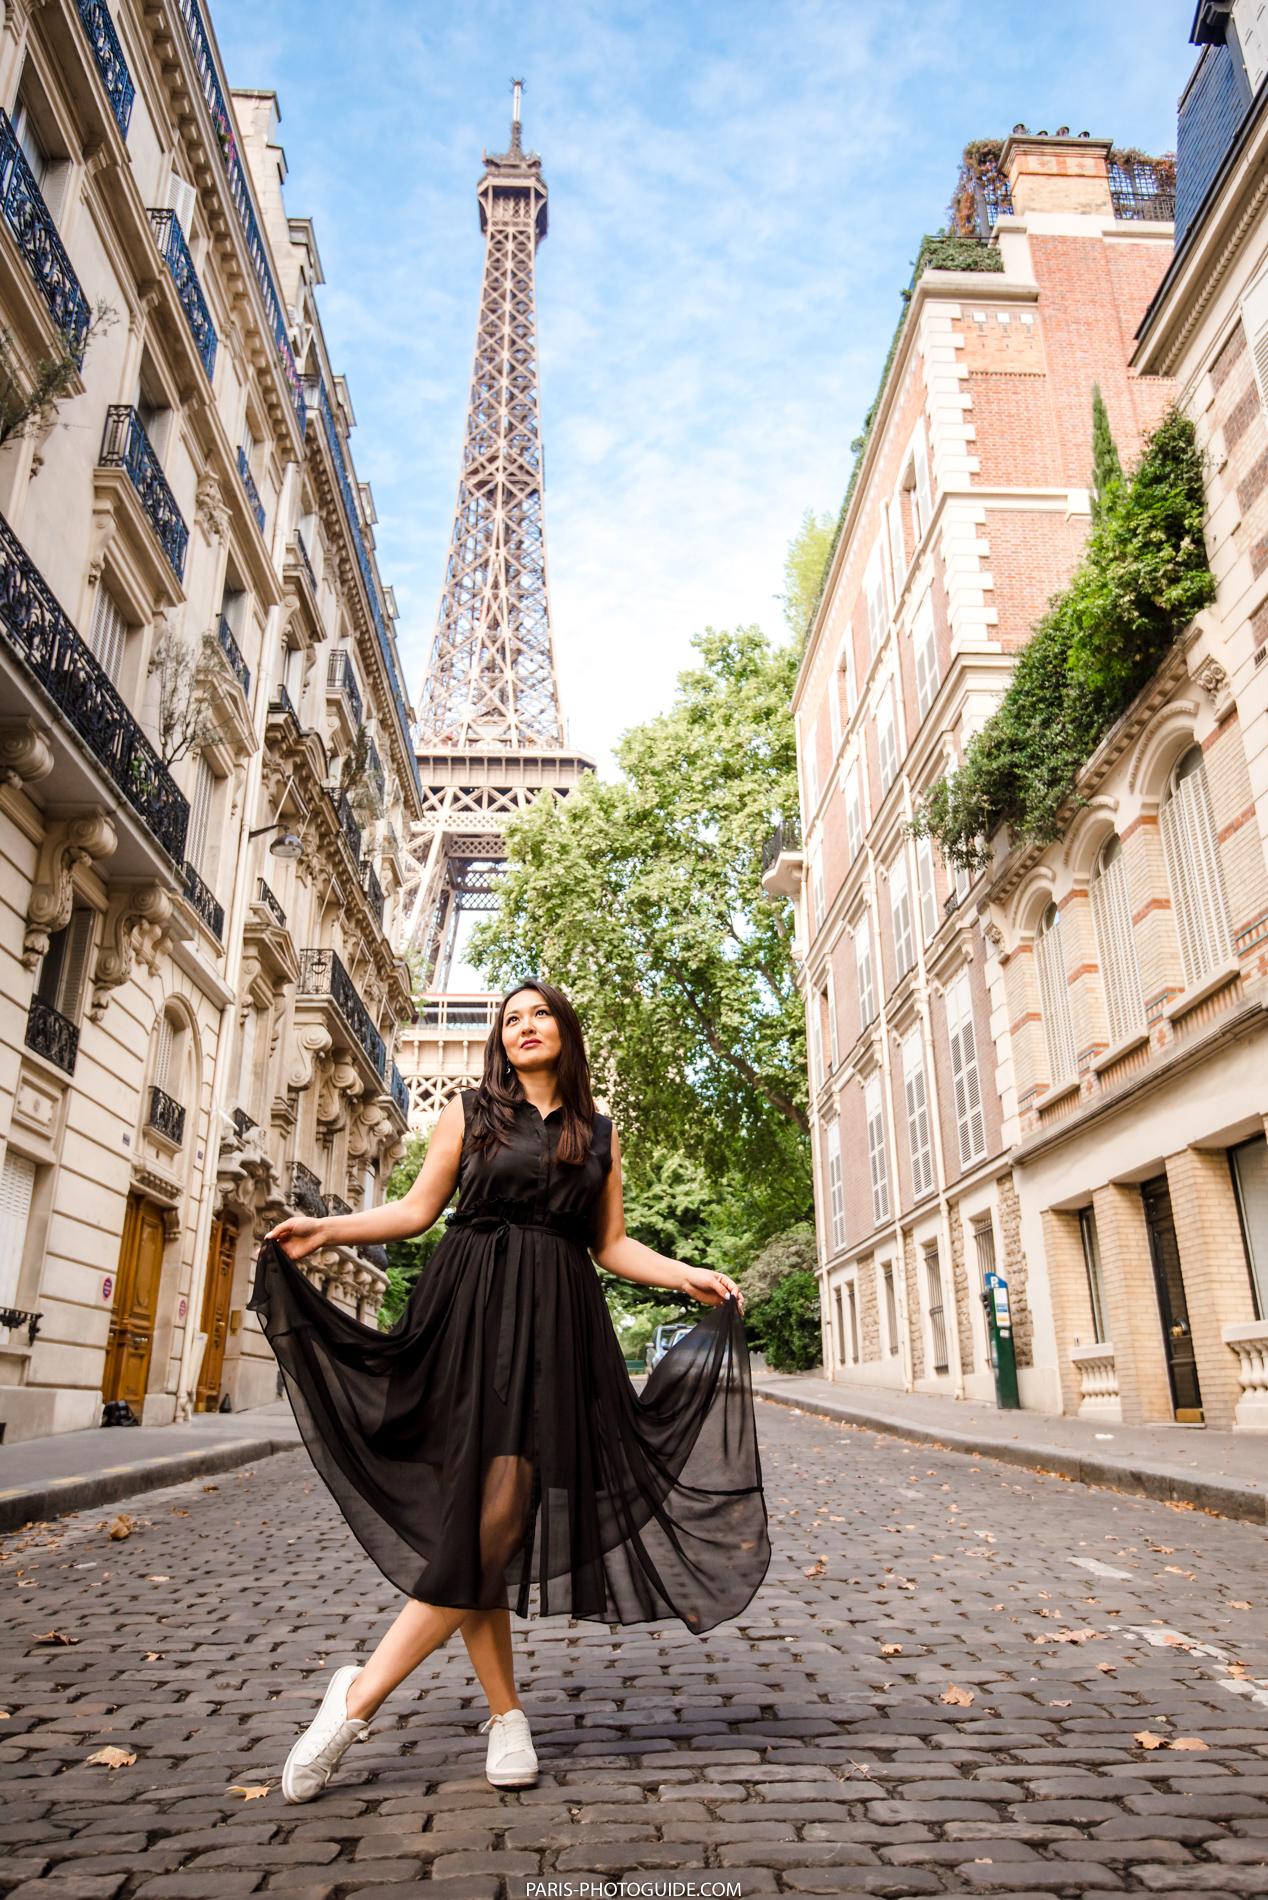 факты красивые виды парижа и парижанок фото моделей постоянно расширяется